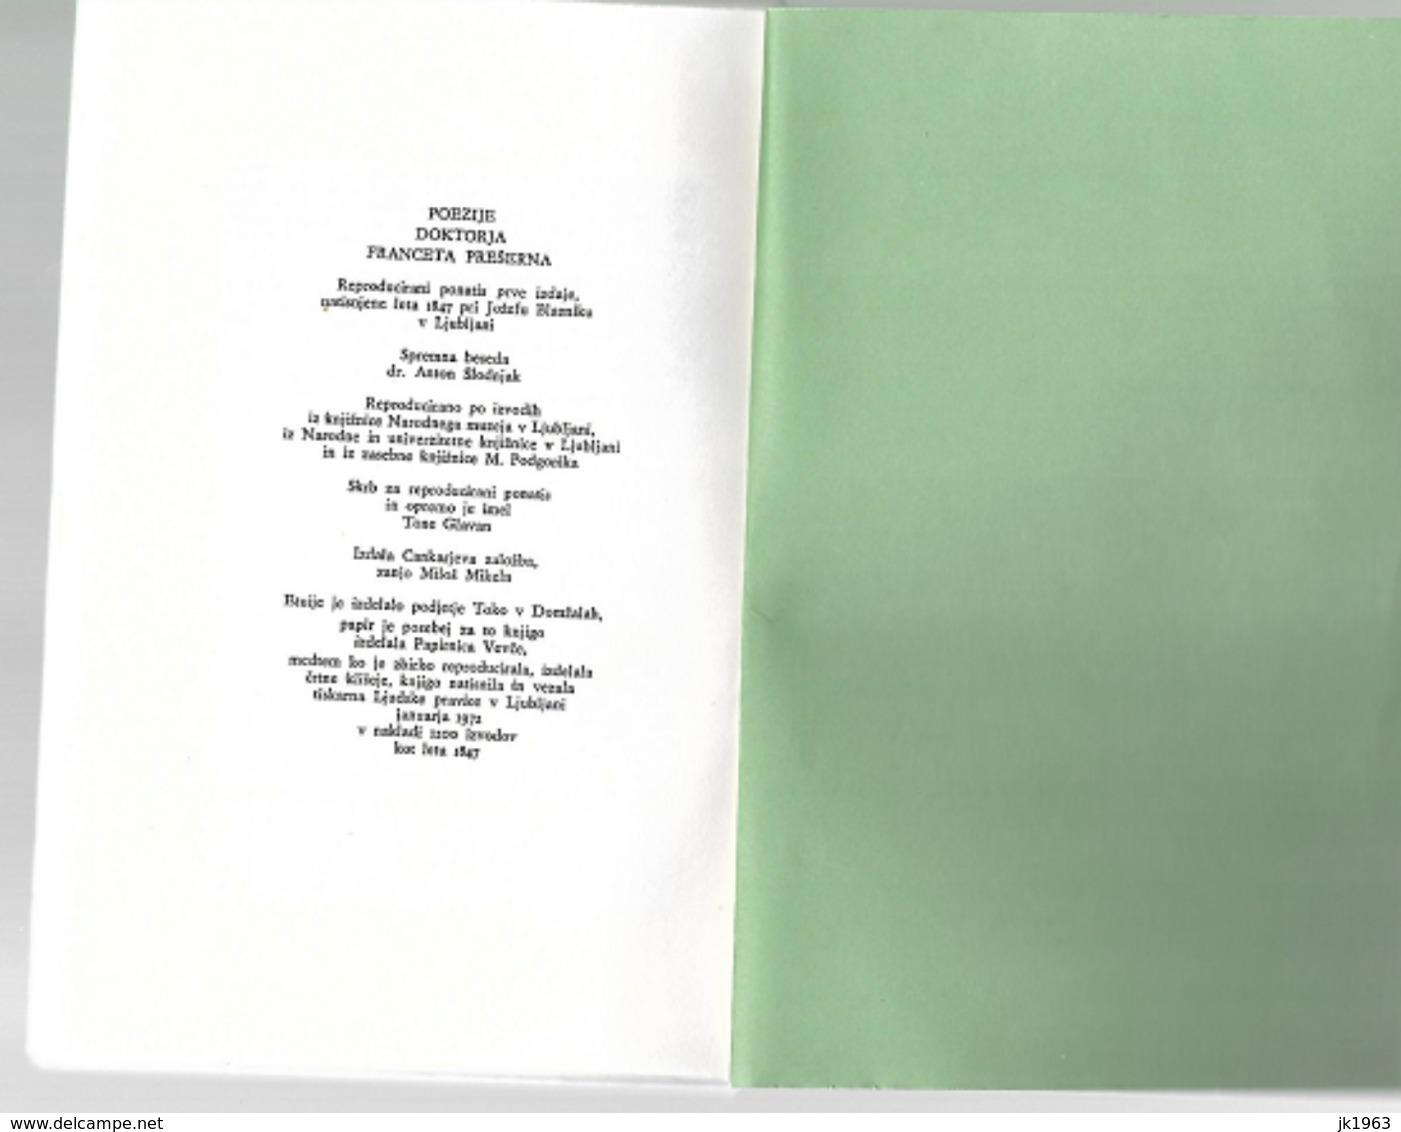 SLOVENIA, POEZIJE DOKTORJA  FRANCETA PREŠERNA,1972, REPRODUCIRANI PONATIS PRVE IZDAJE - Poetry